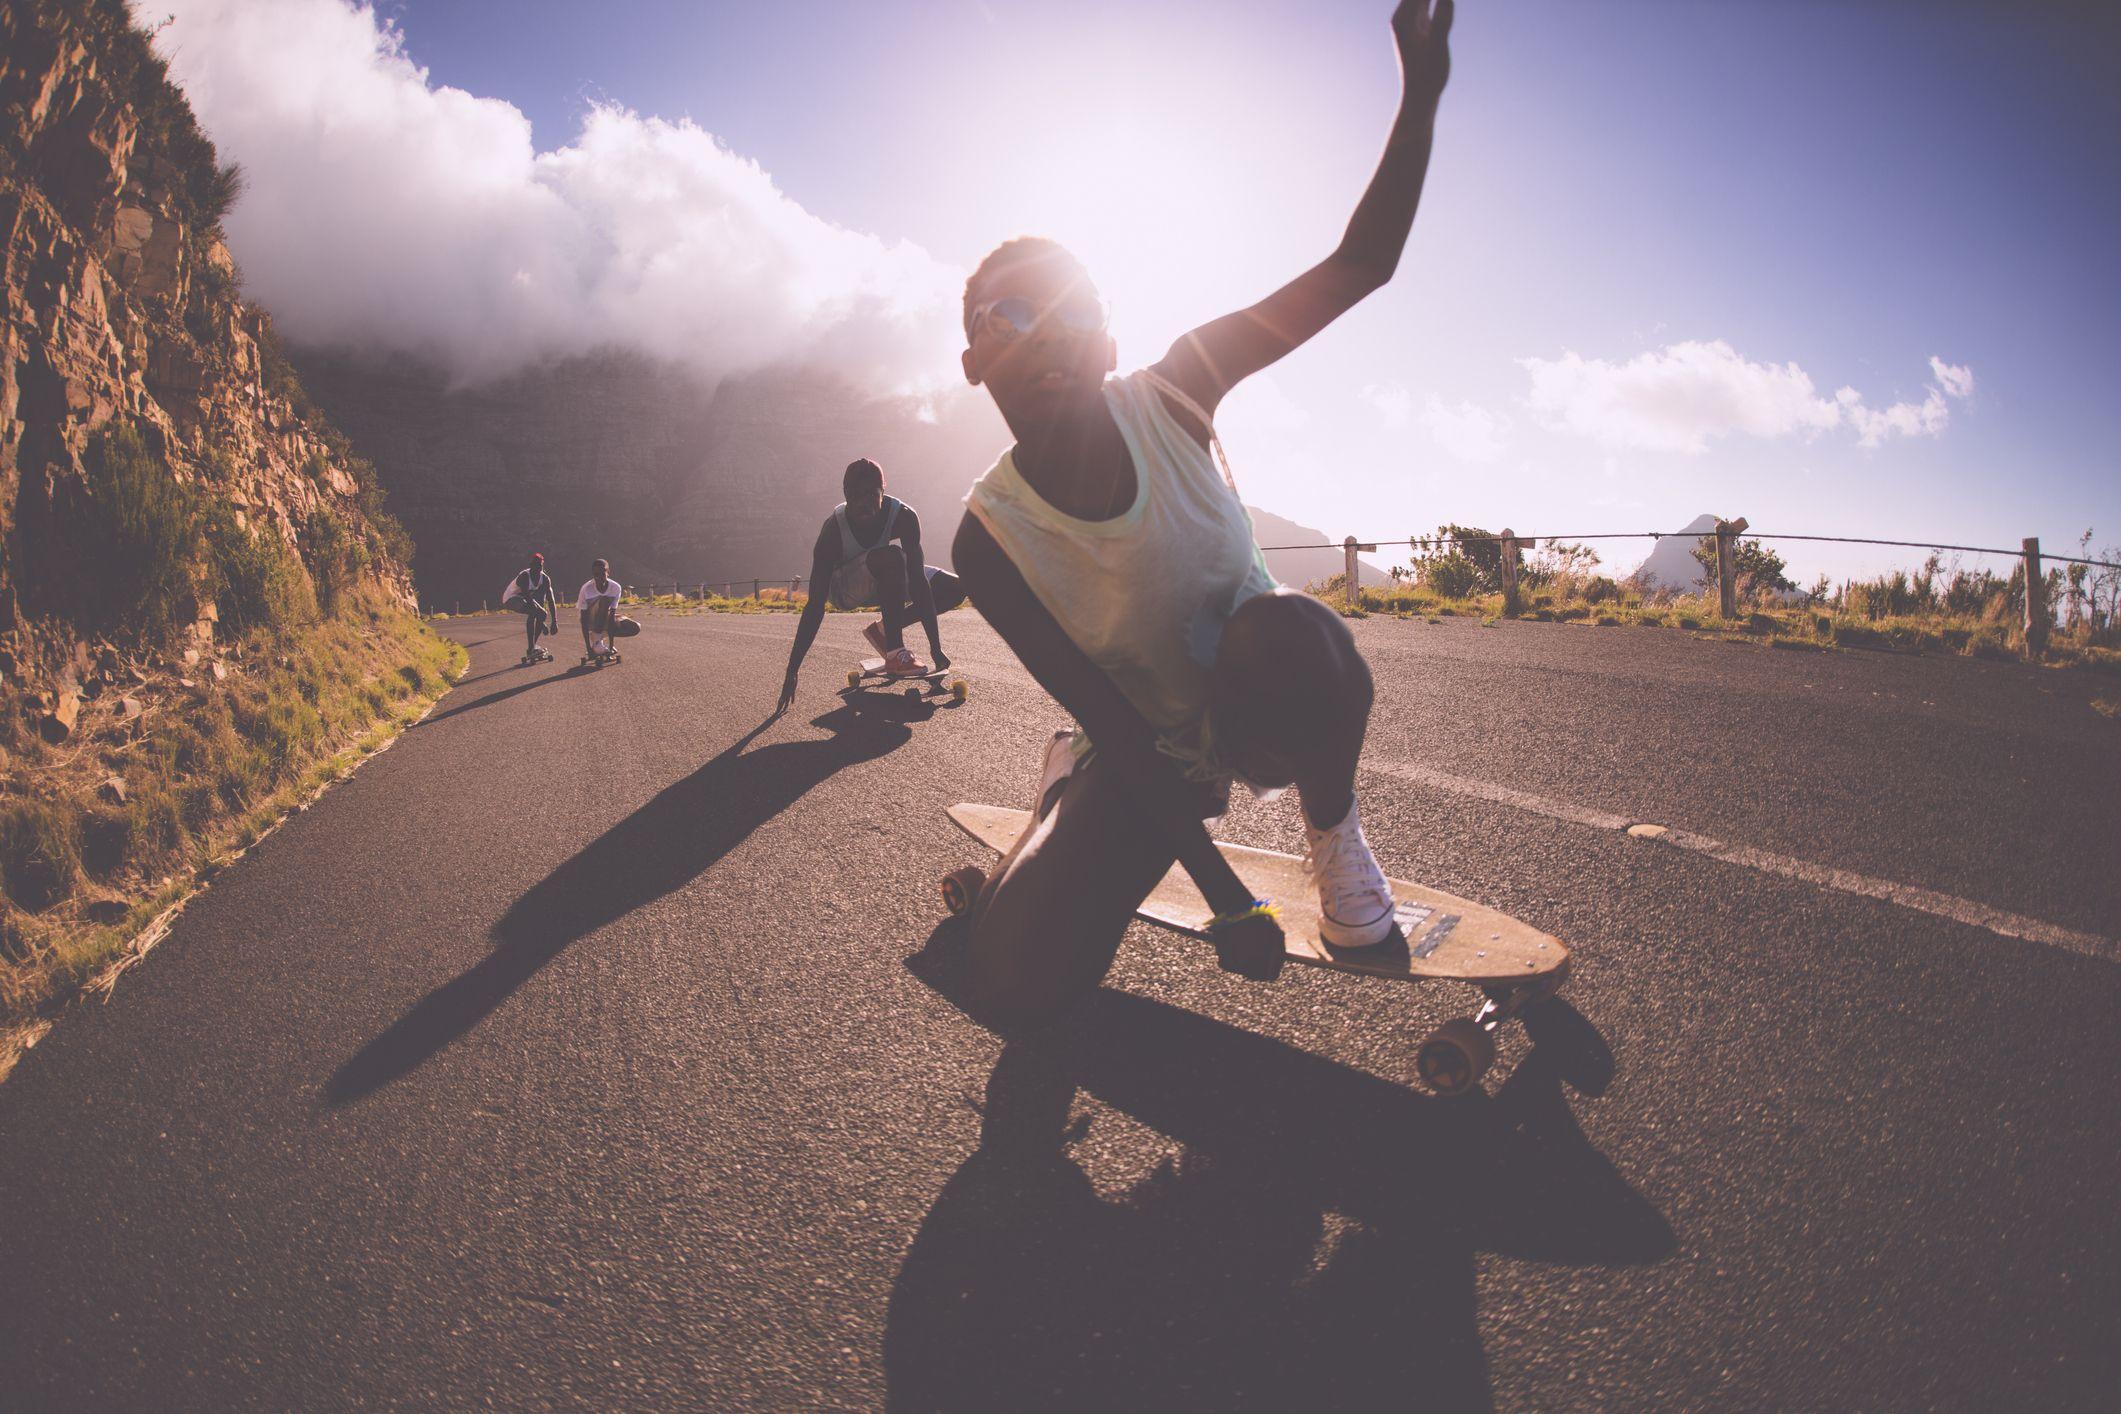 Surfskate: Escuela de Surf de Ocean Life Surf School